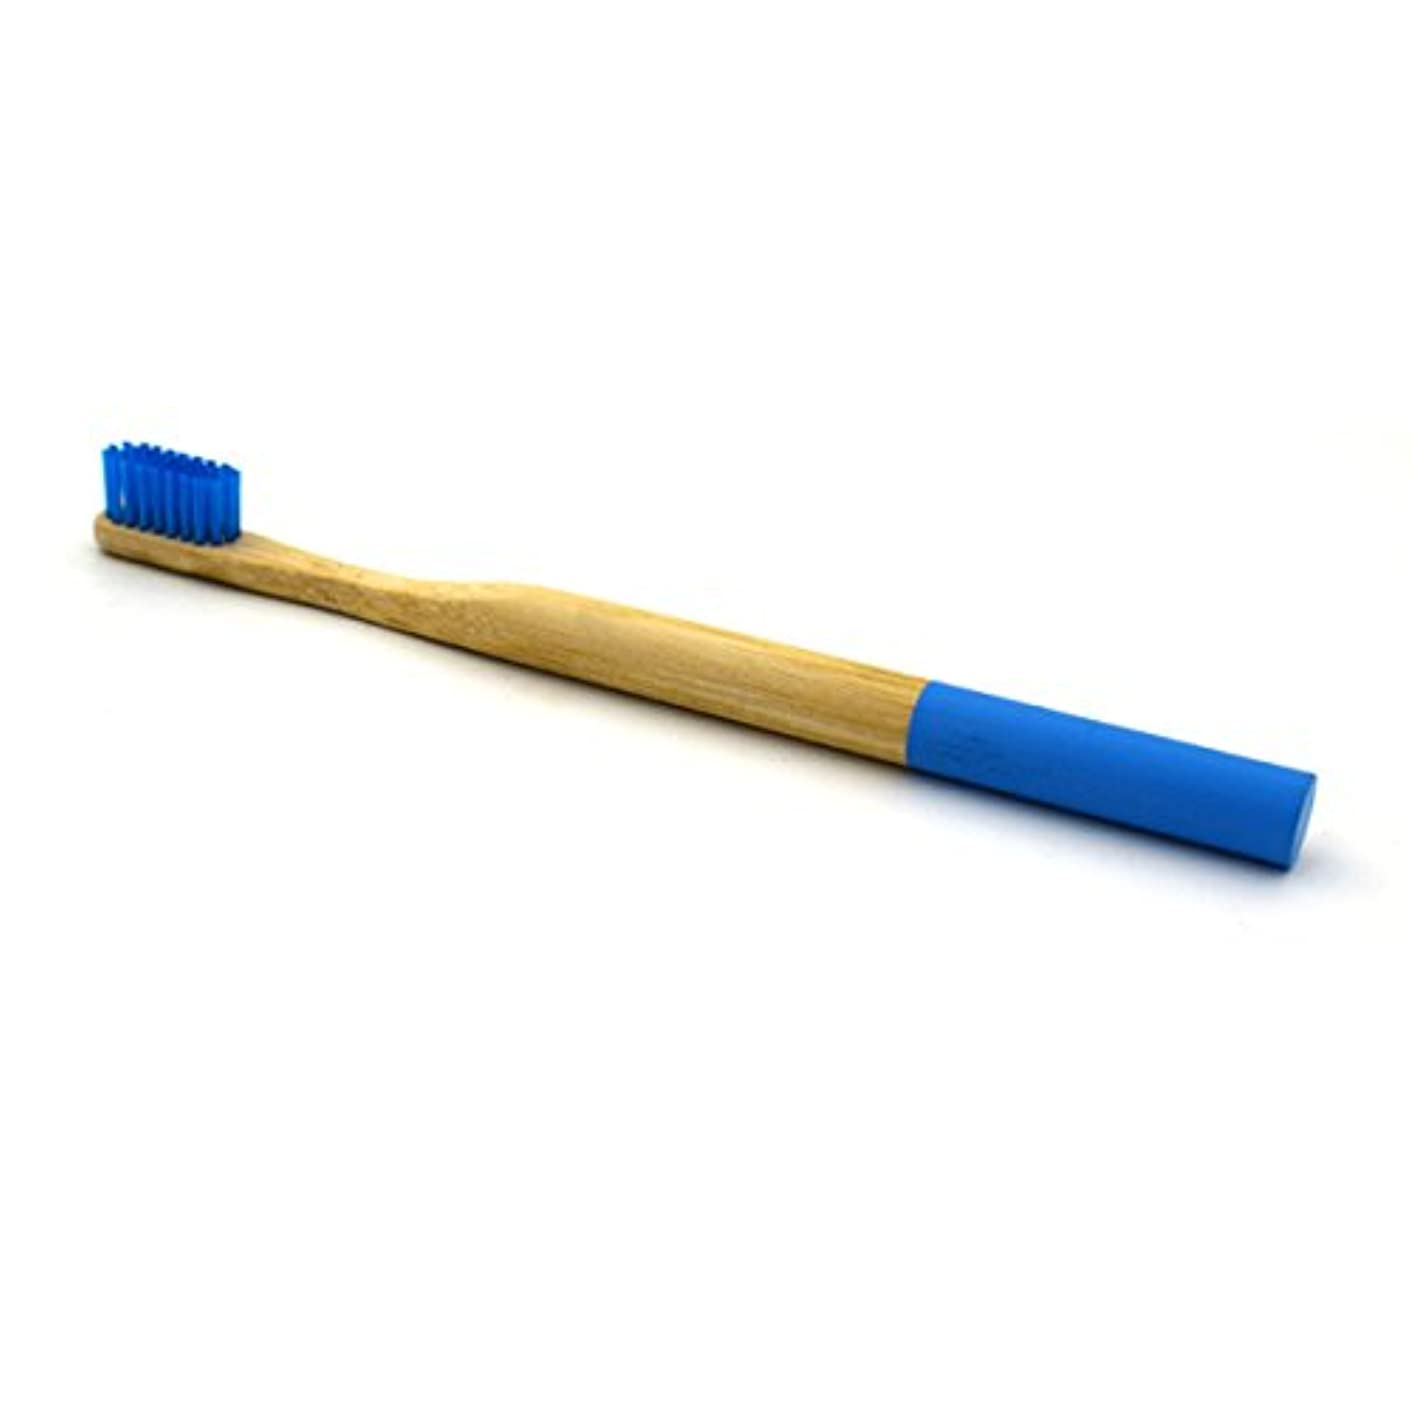 ブーム永遠に頬骨SUPVOX タケ歯ブラシの円形のハンドルの自然なEcoの友好的で柔らかい剛毛旅行歯ブラシ